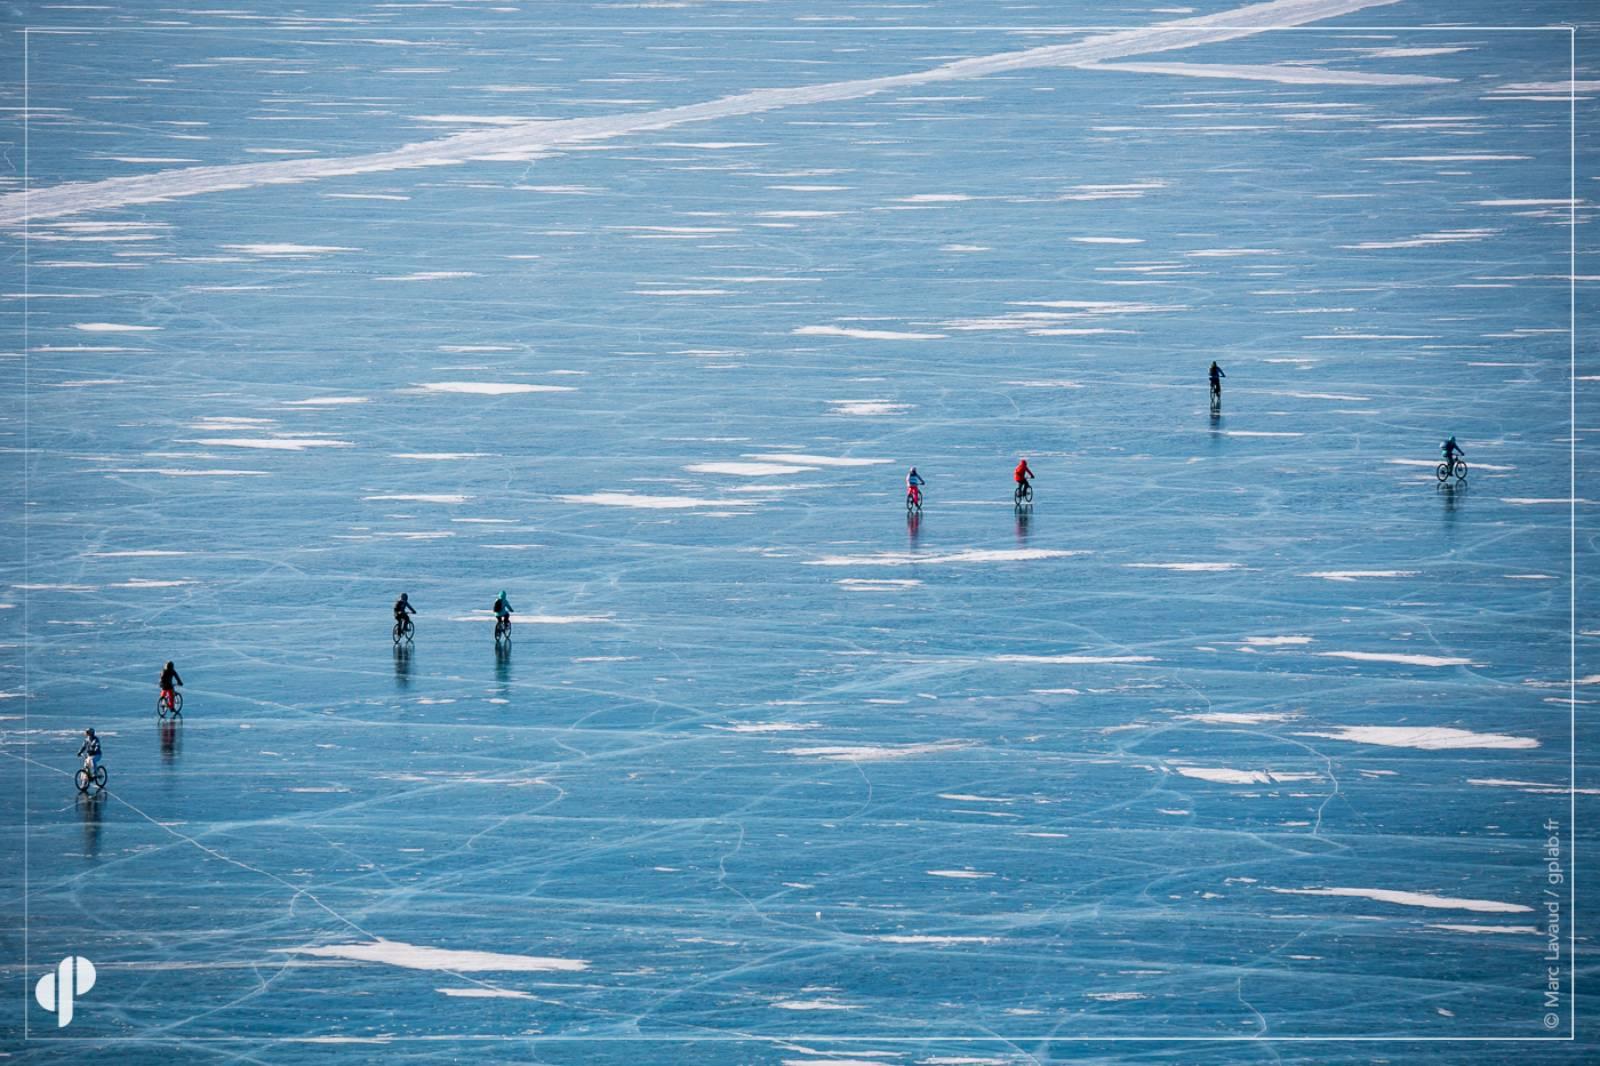 balade sur le lac baikal gele en russie